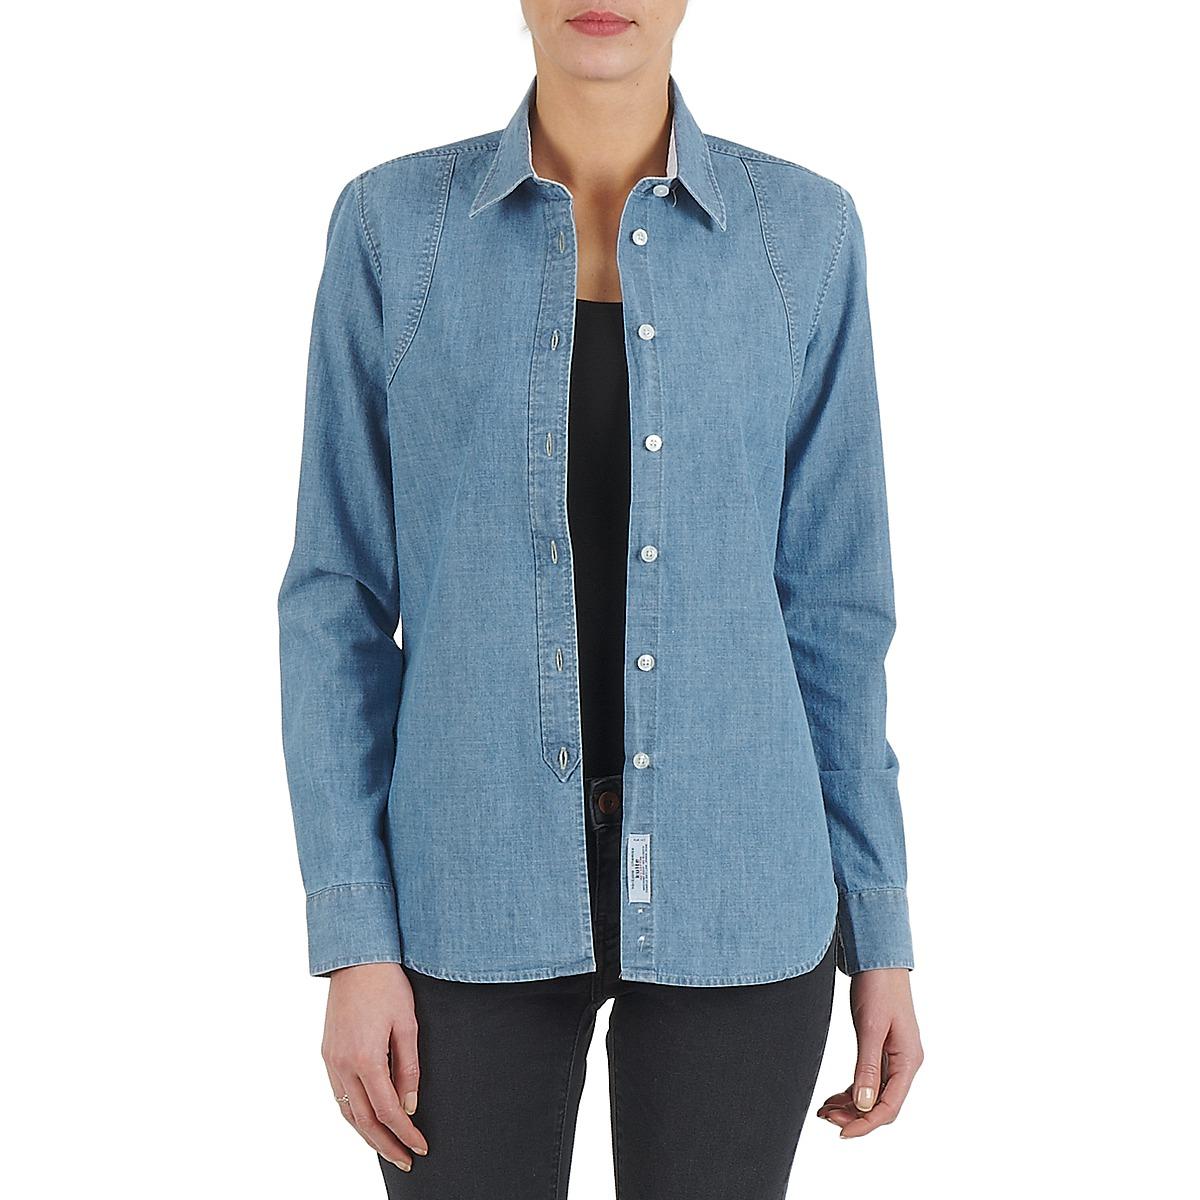 Skjorter / Skjortebluser Kulte  CHEMISE CIRCUIT 101826 BLEACH